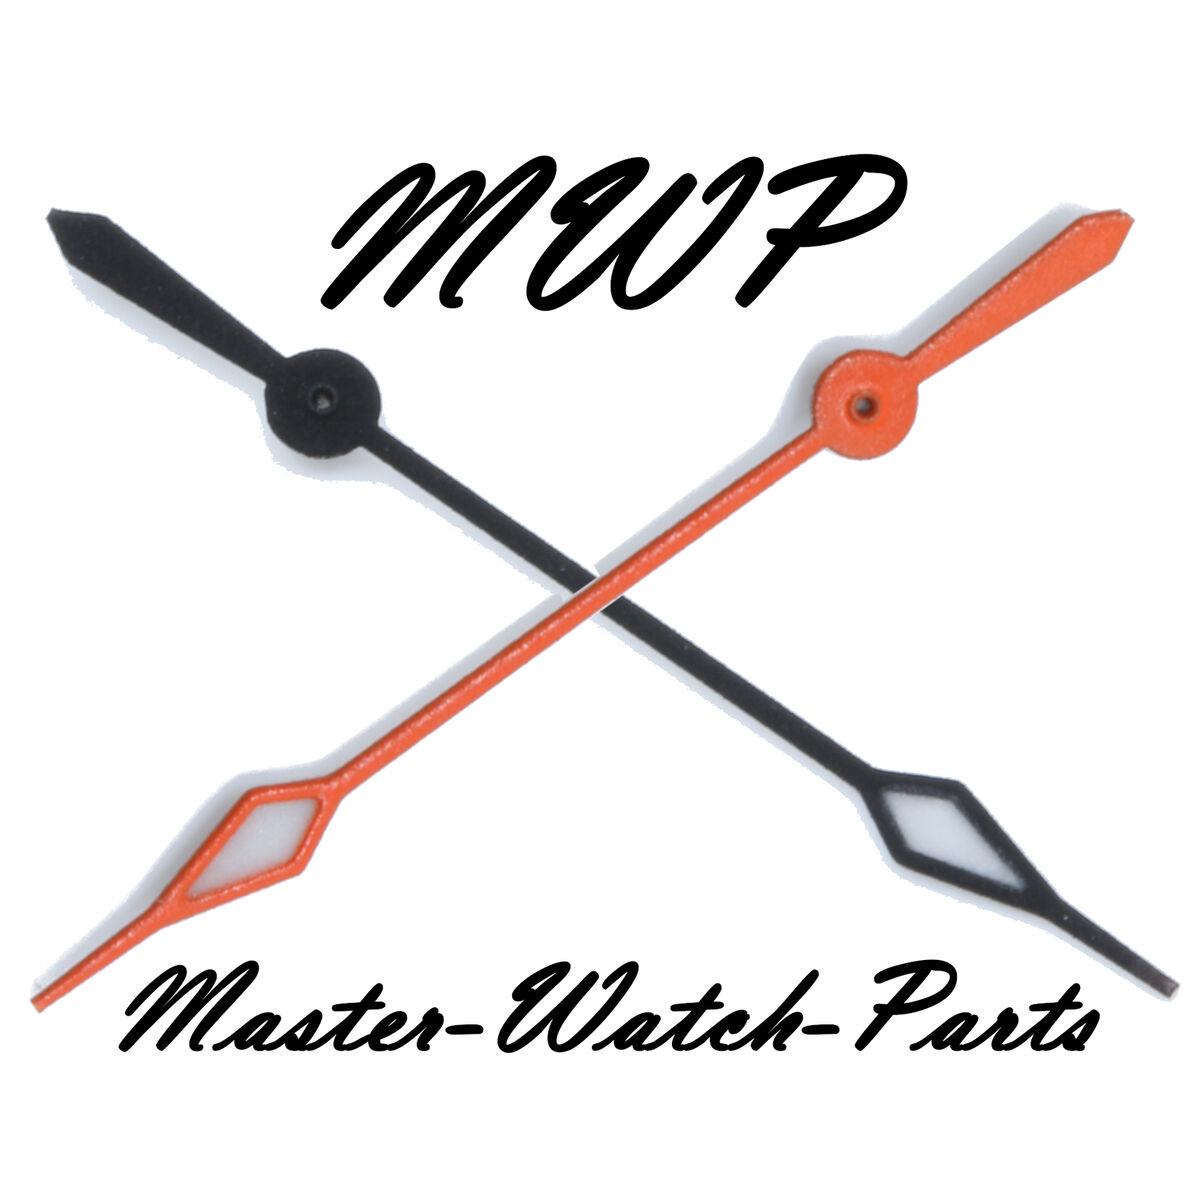 master-watch-parts